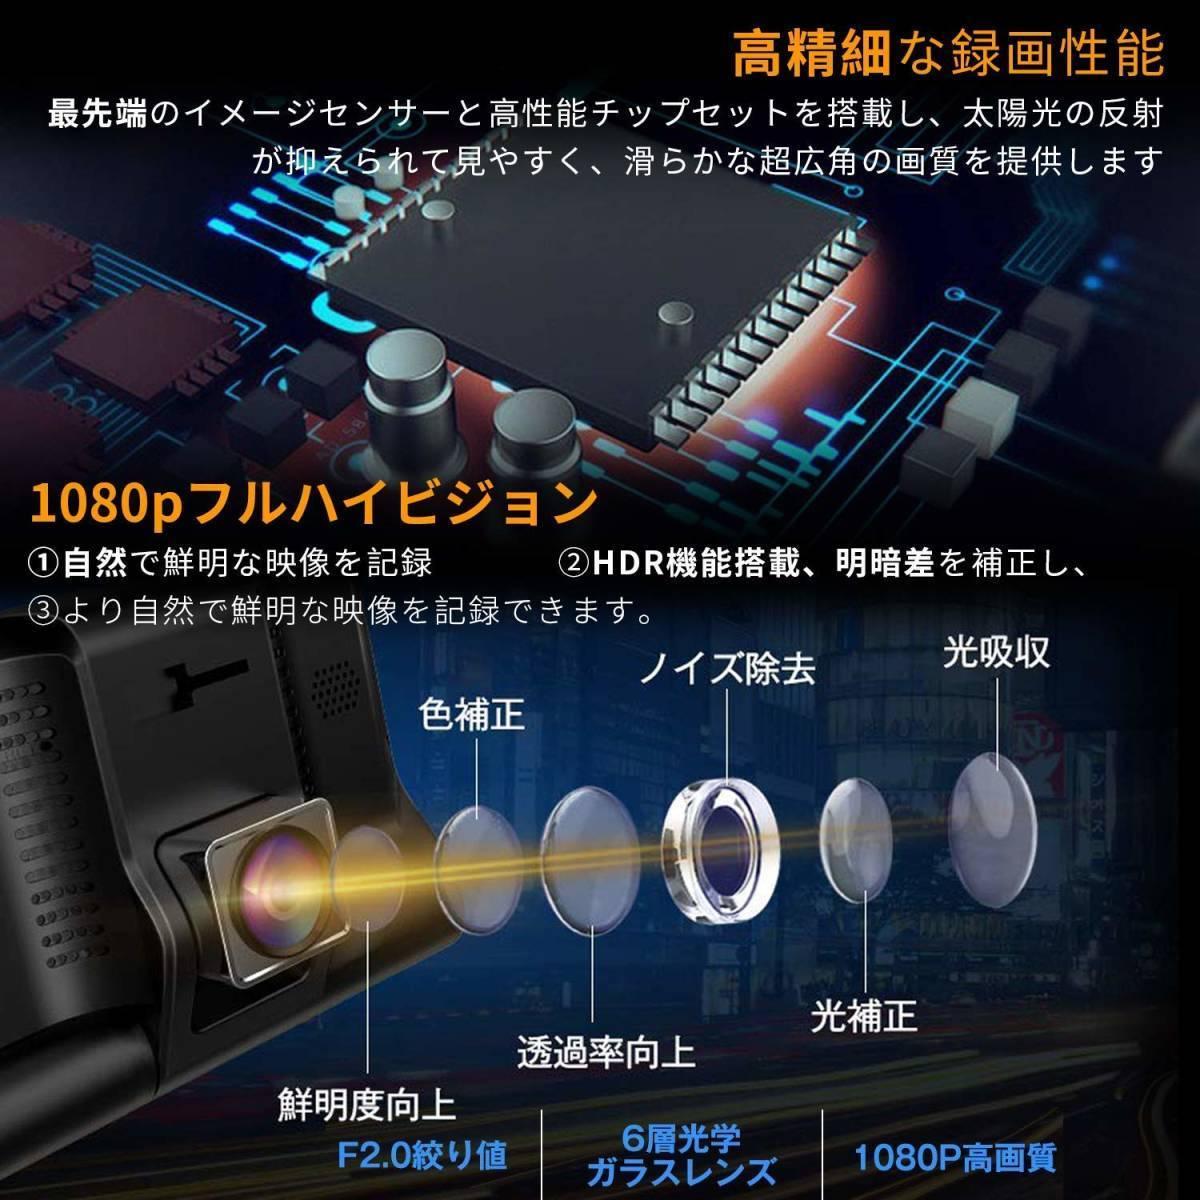 ドライブレコーダー 前後カメラ 最新版 車載カメラ 4.0インチ 1080P 170°広視野角 WDR搭載 駐車監視 常時録画_画像3